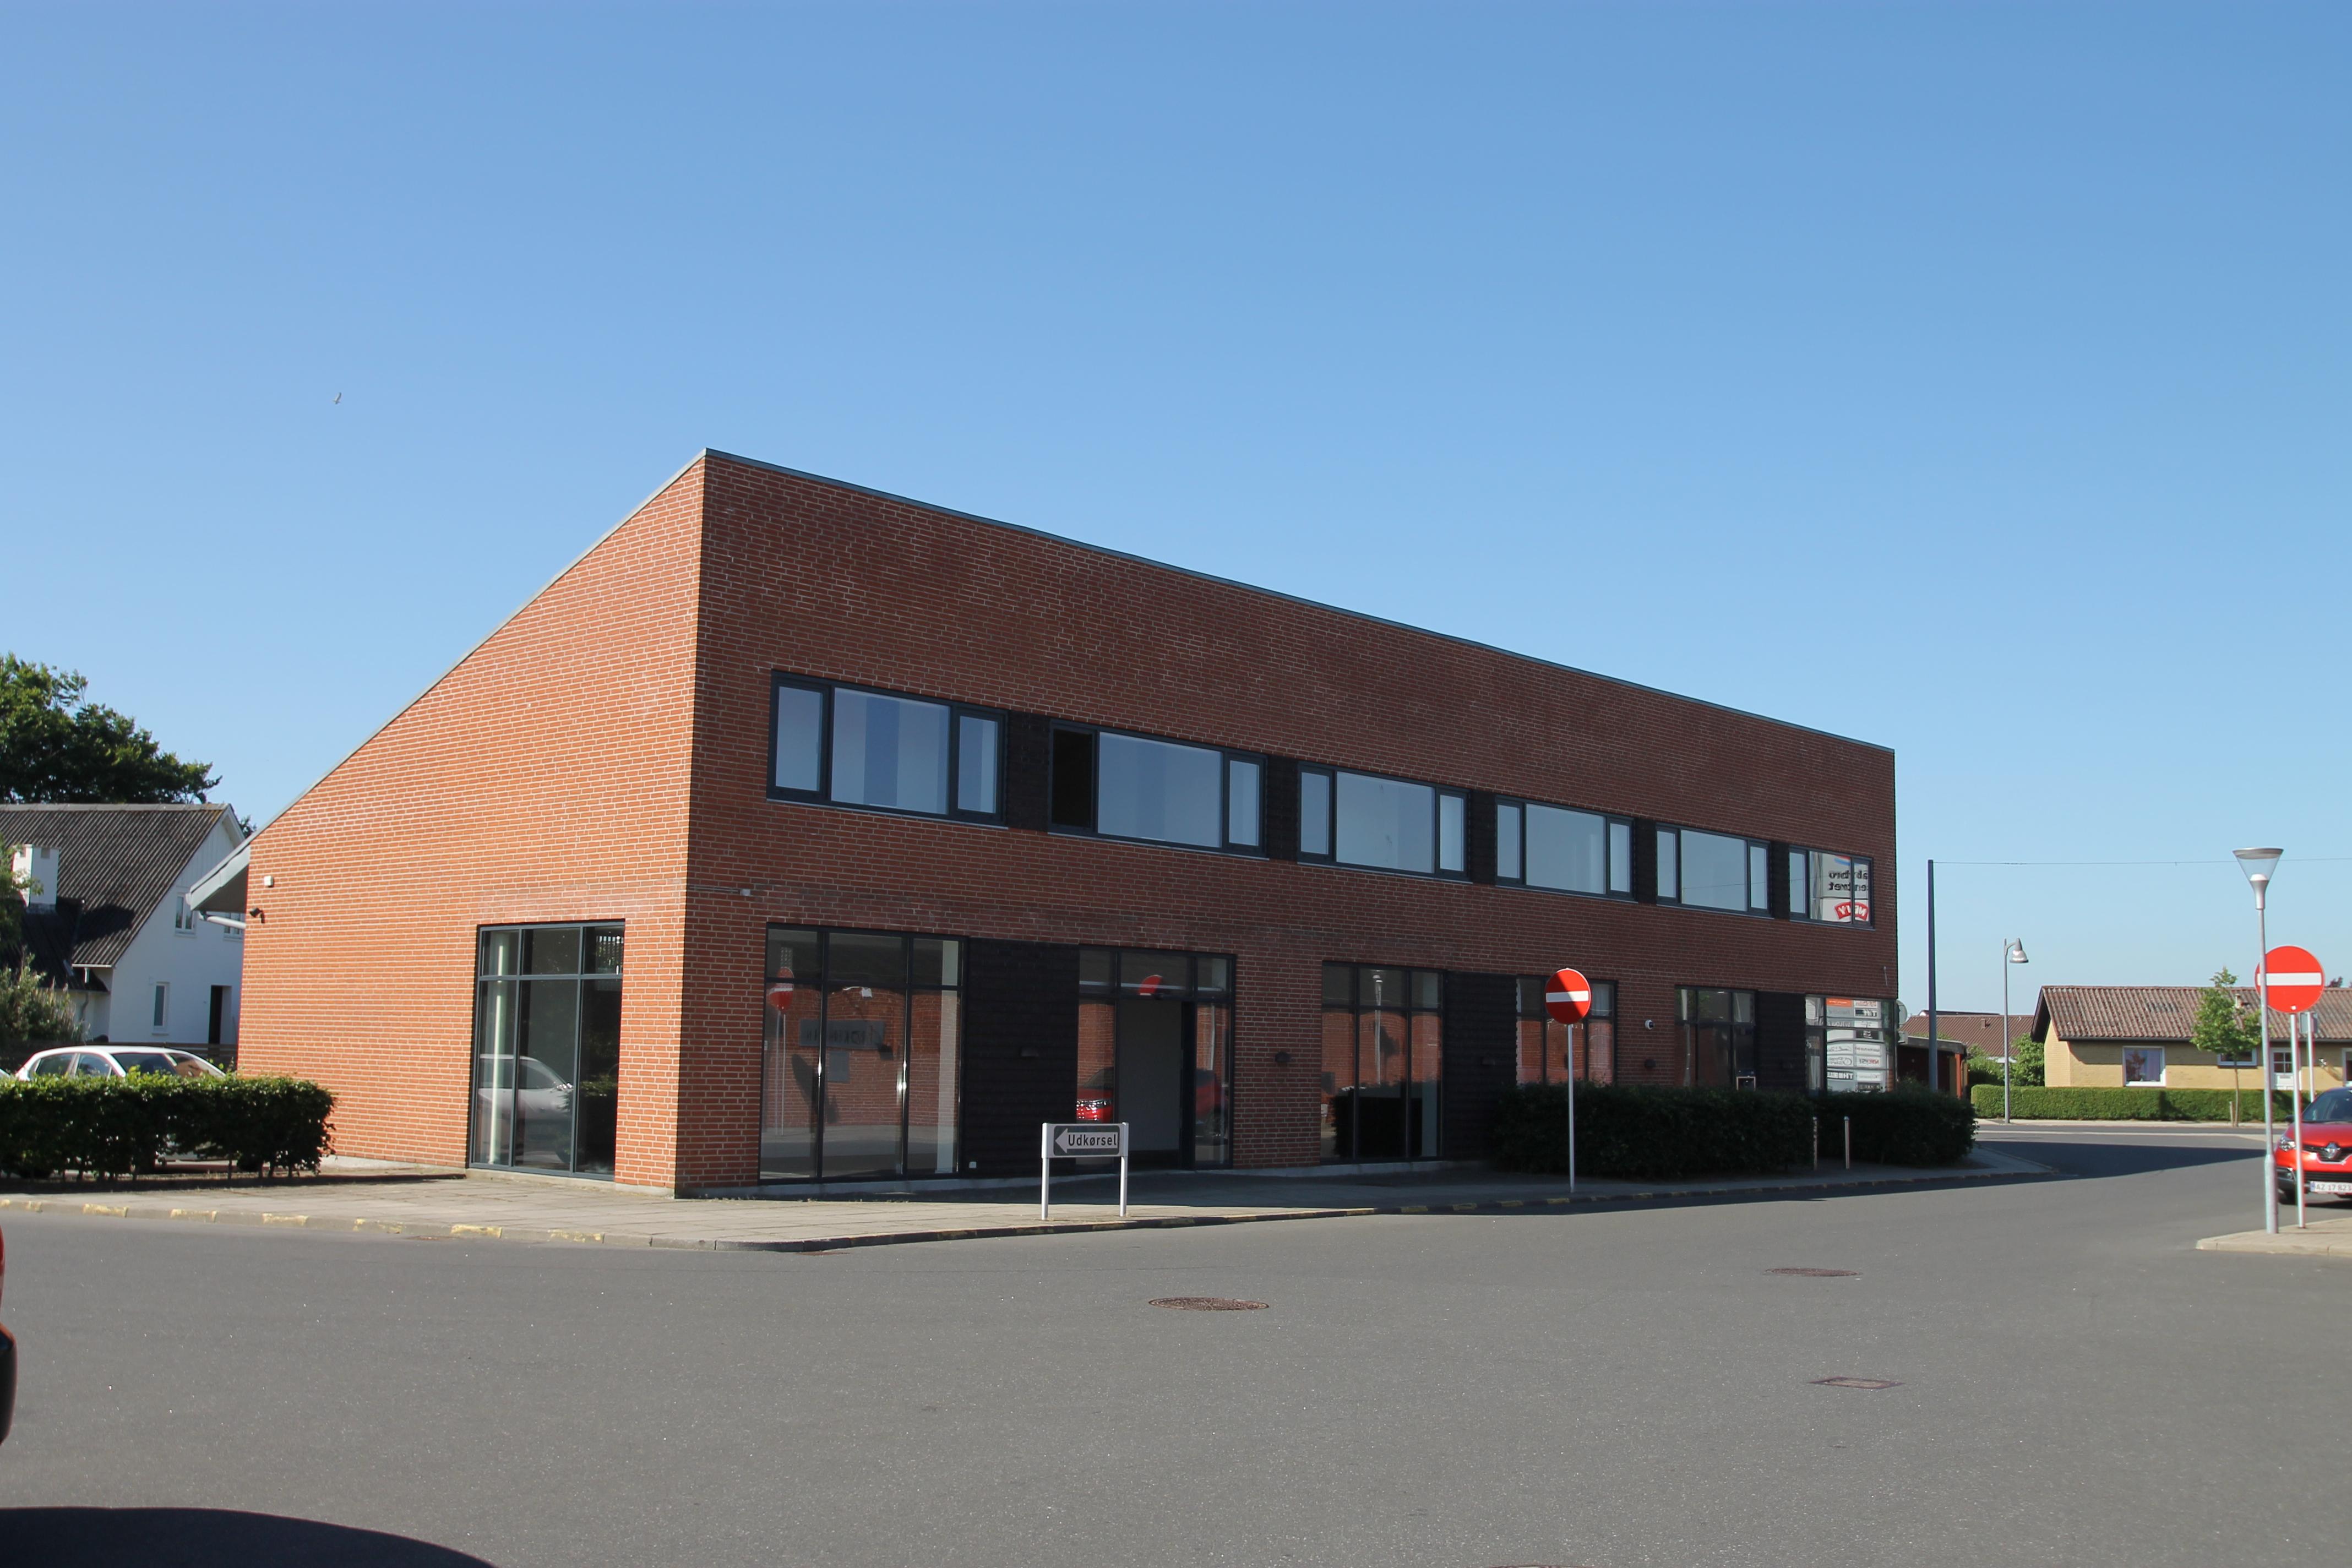 Mæglerhuset udvider: Se hvor de nu åbner